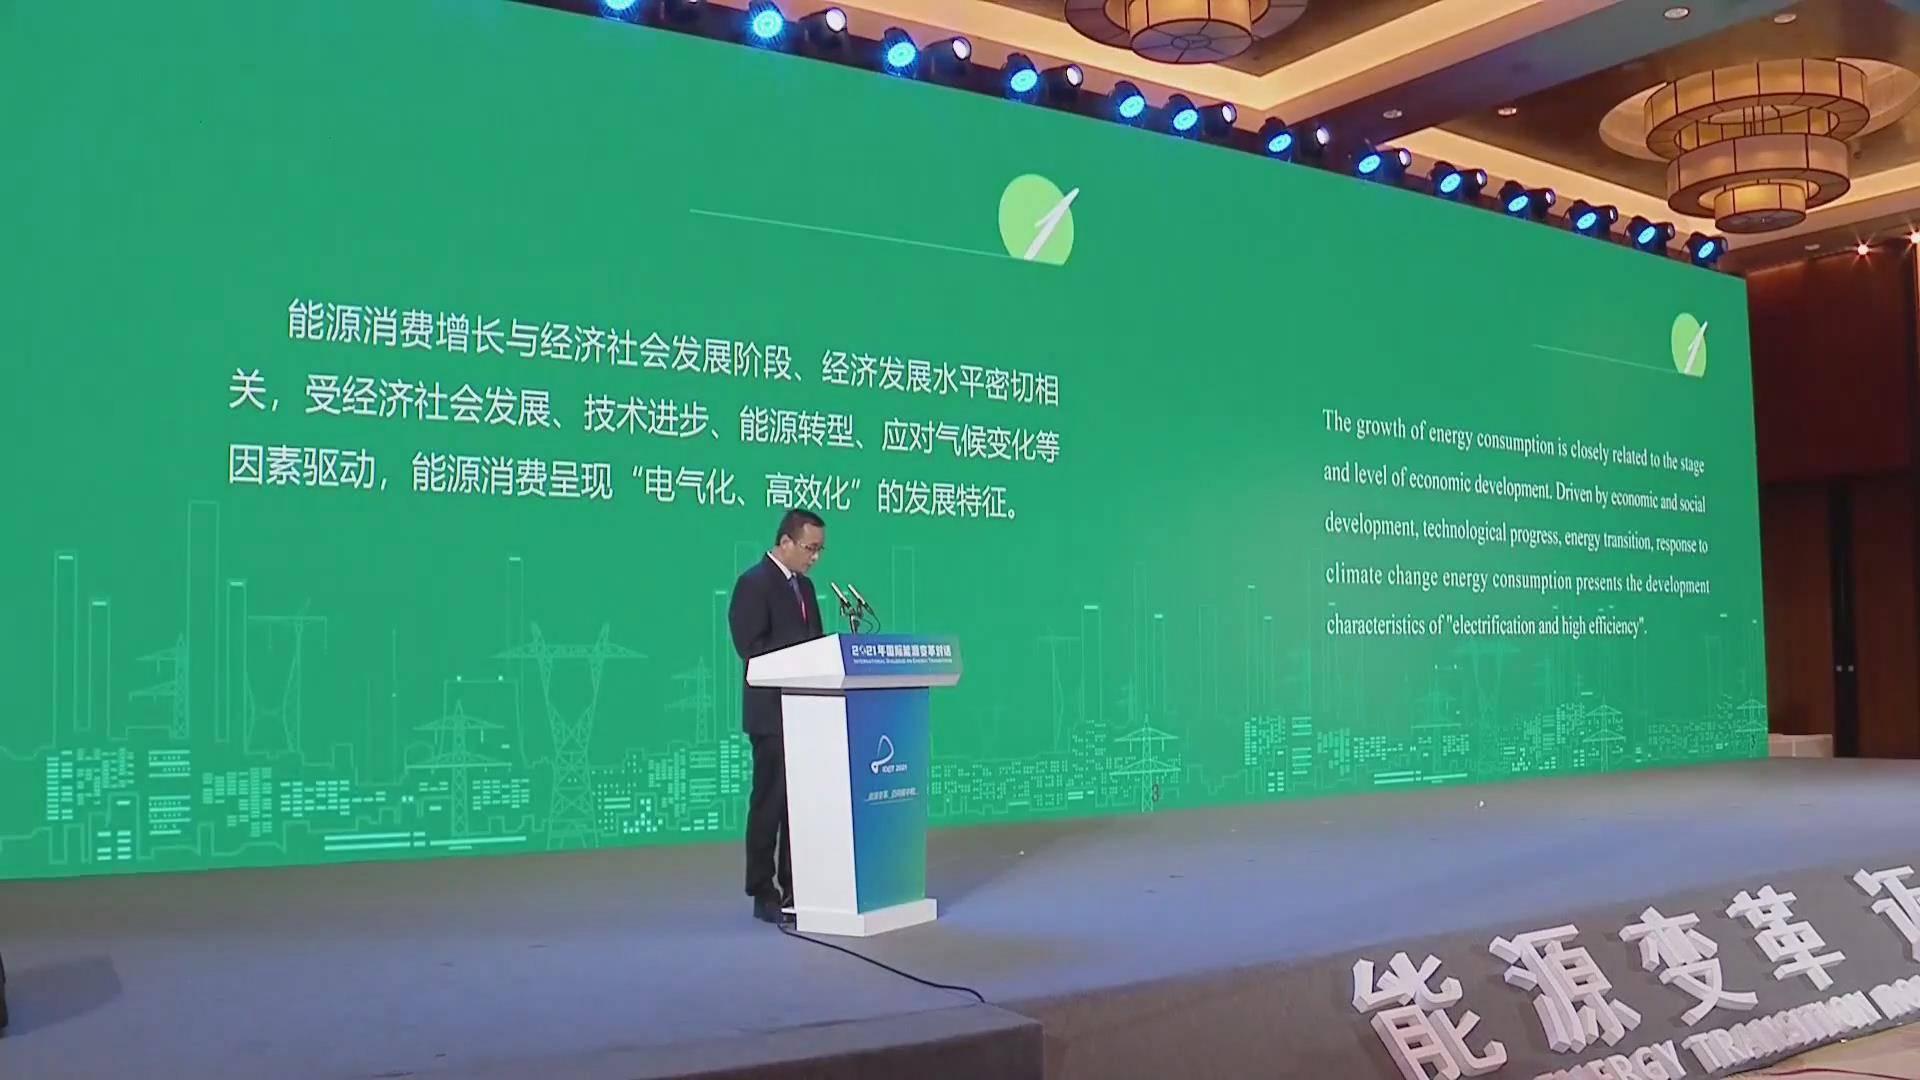 王耀華:電網綠色發展遠景研究中方報告